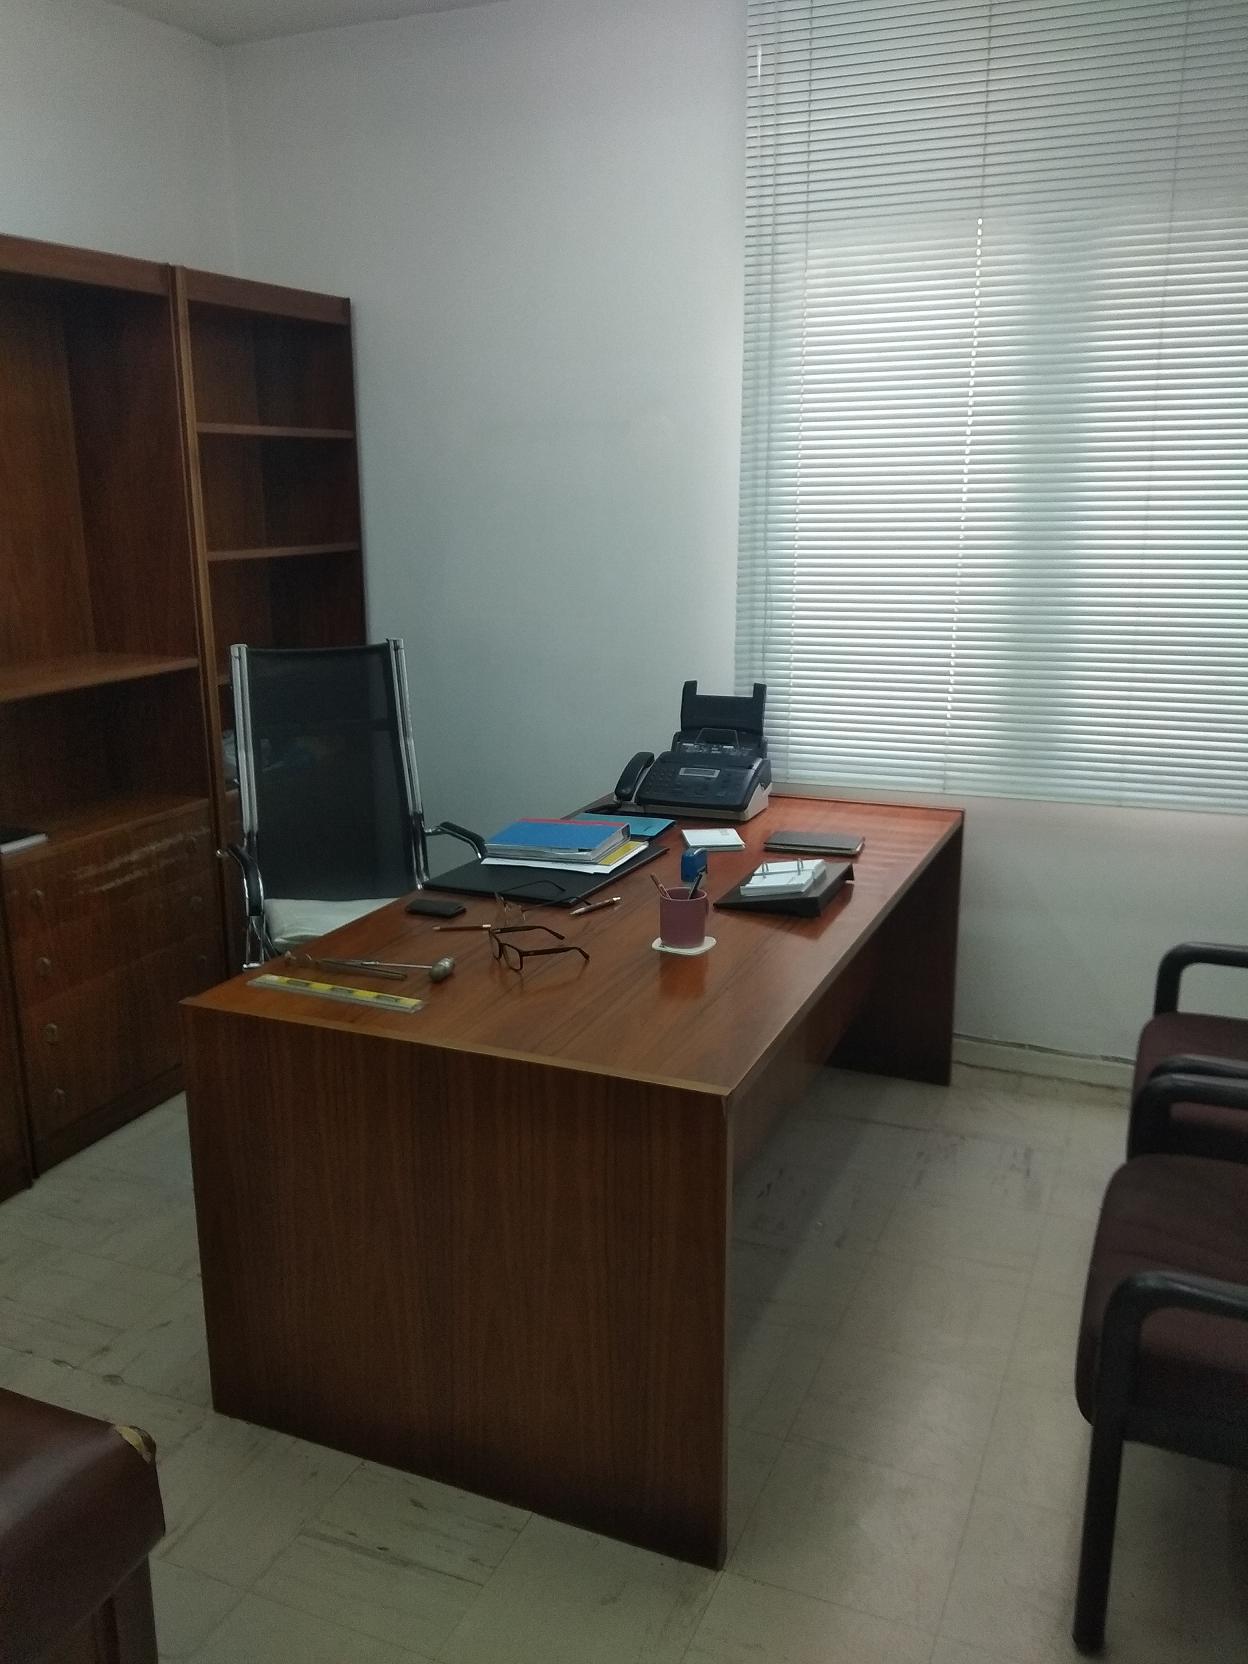 Γραφείο κατάλληλο για Ιατρείο στο κέντρο της Ρόδου, KAT-509876